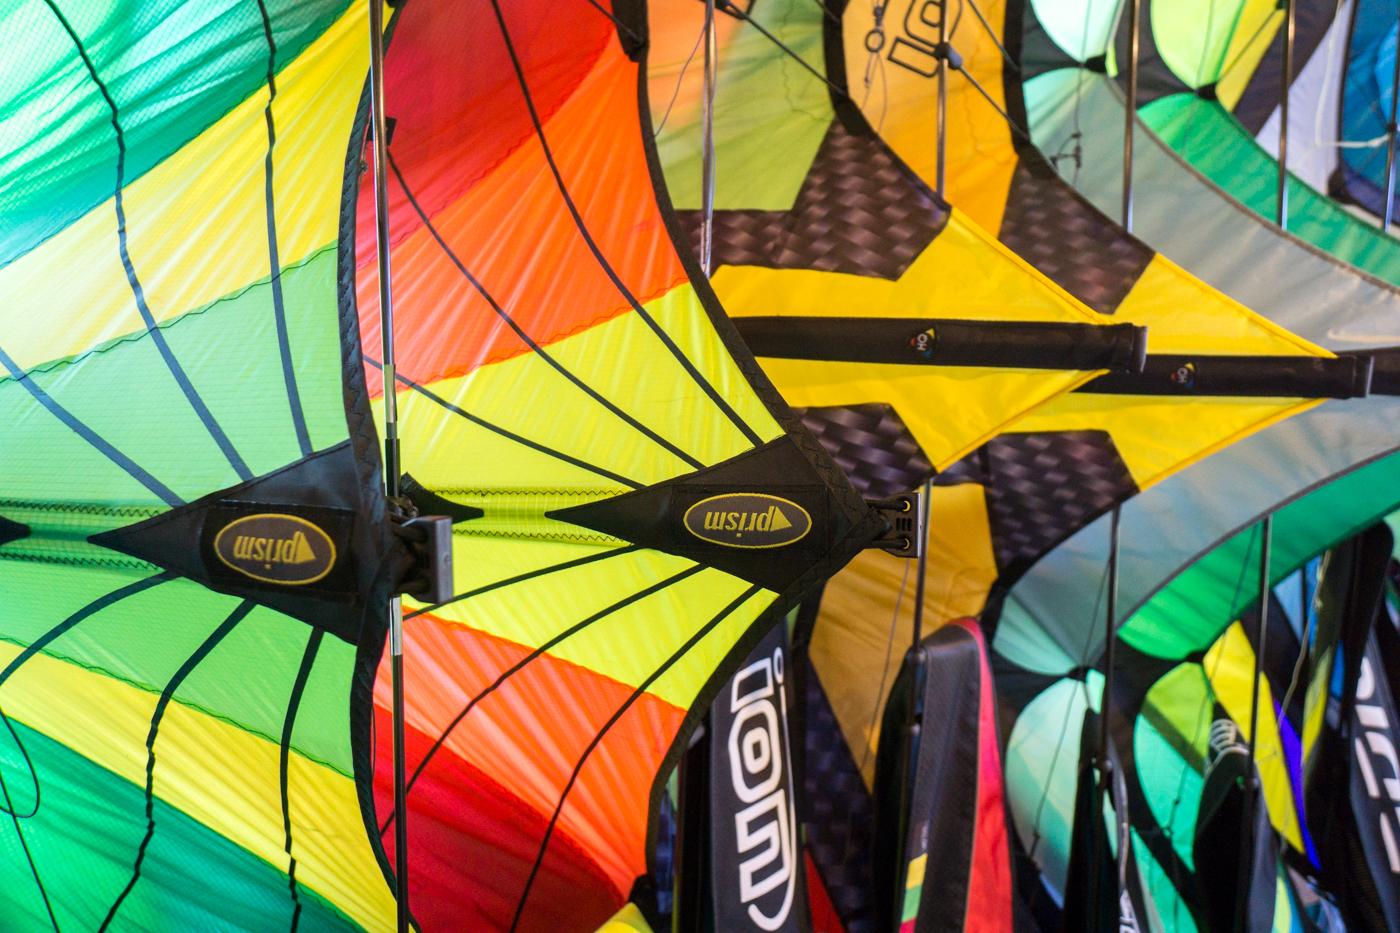 Cerf-volants colorés Au Gré du Vent - îles de la Madeleine